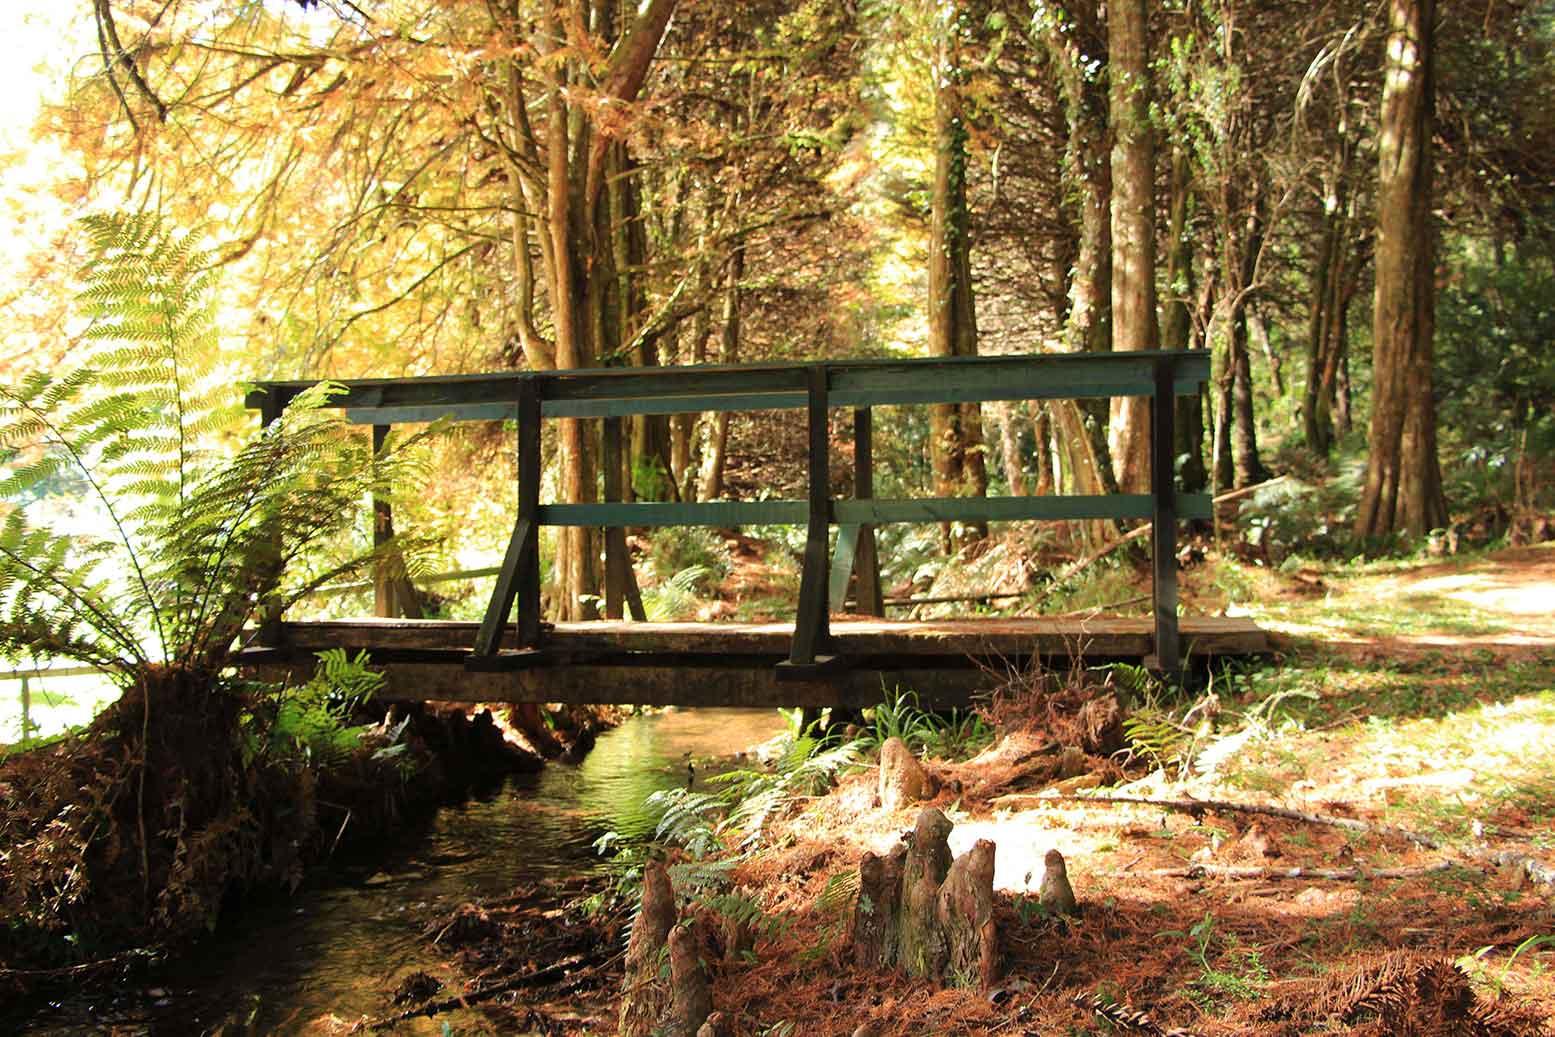 Campos-do Jordao-Meio-Ambiente-Horto-Florestal-2-Marcio- Masulino